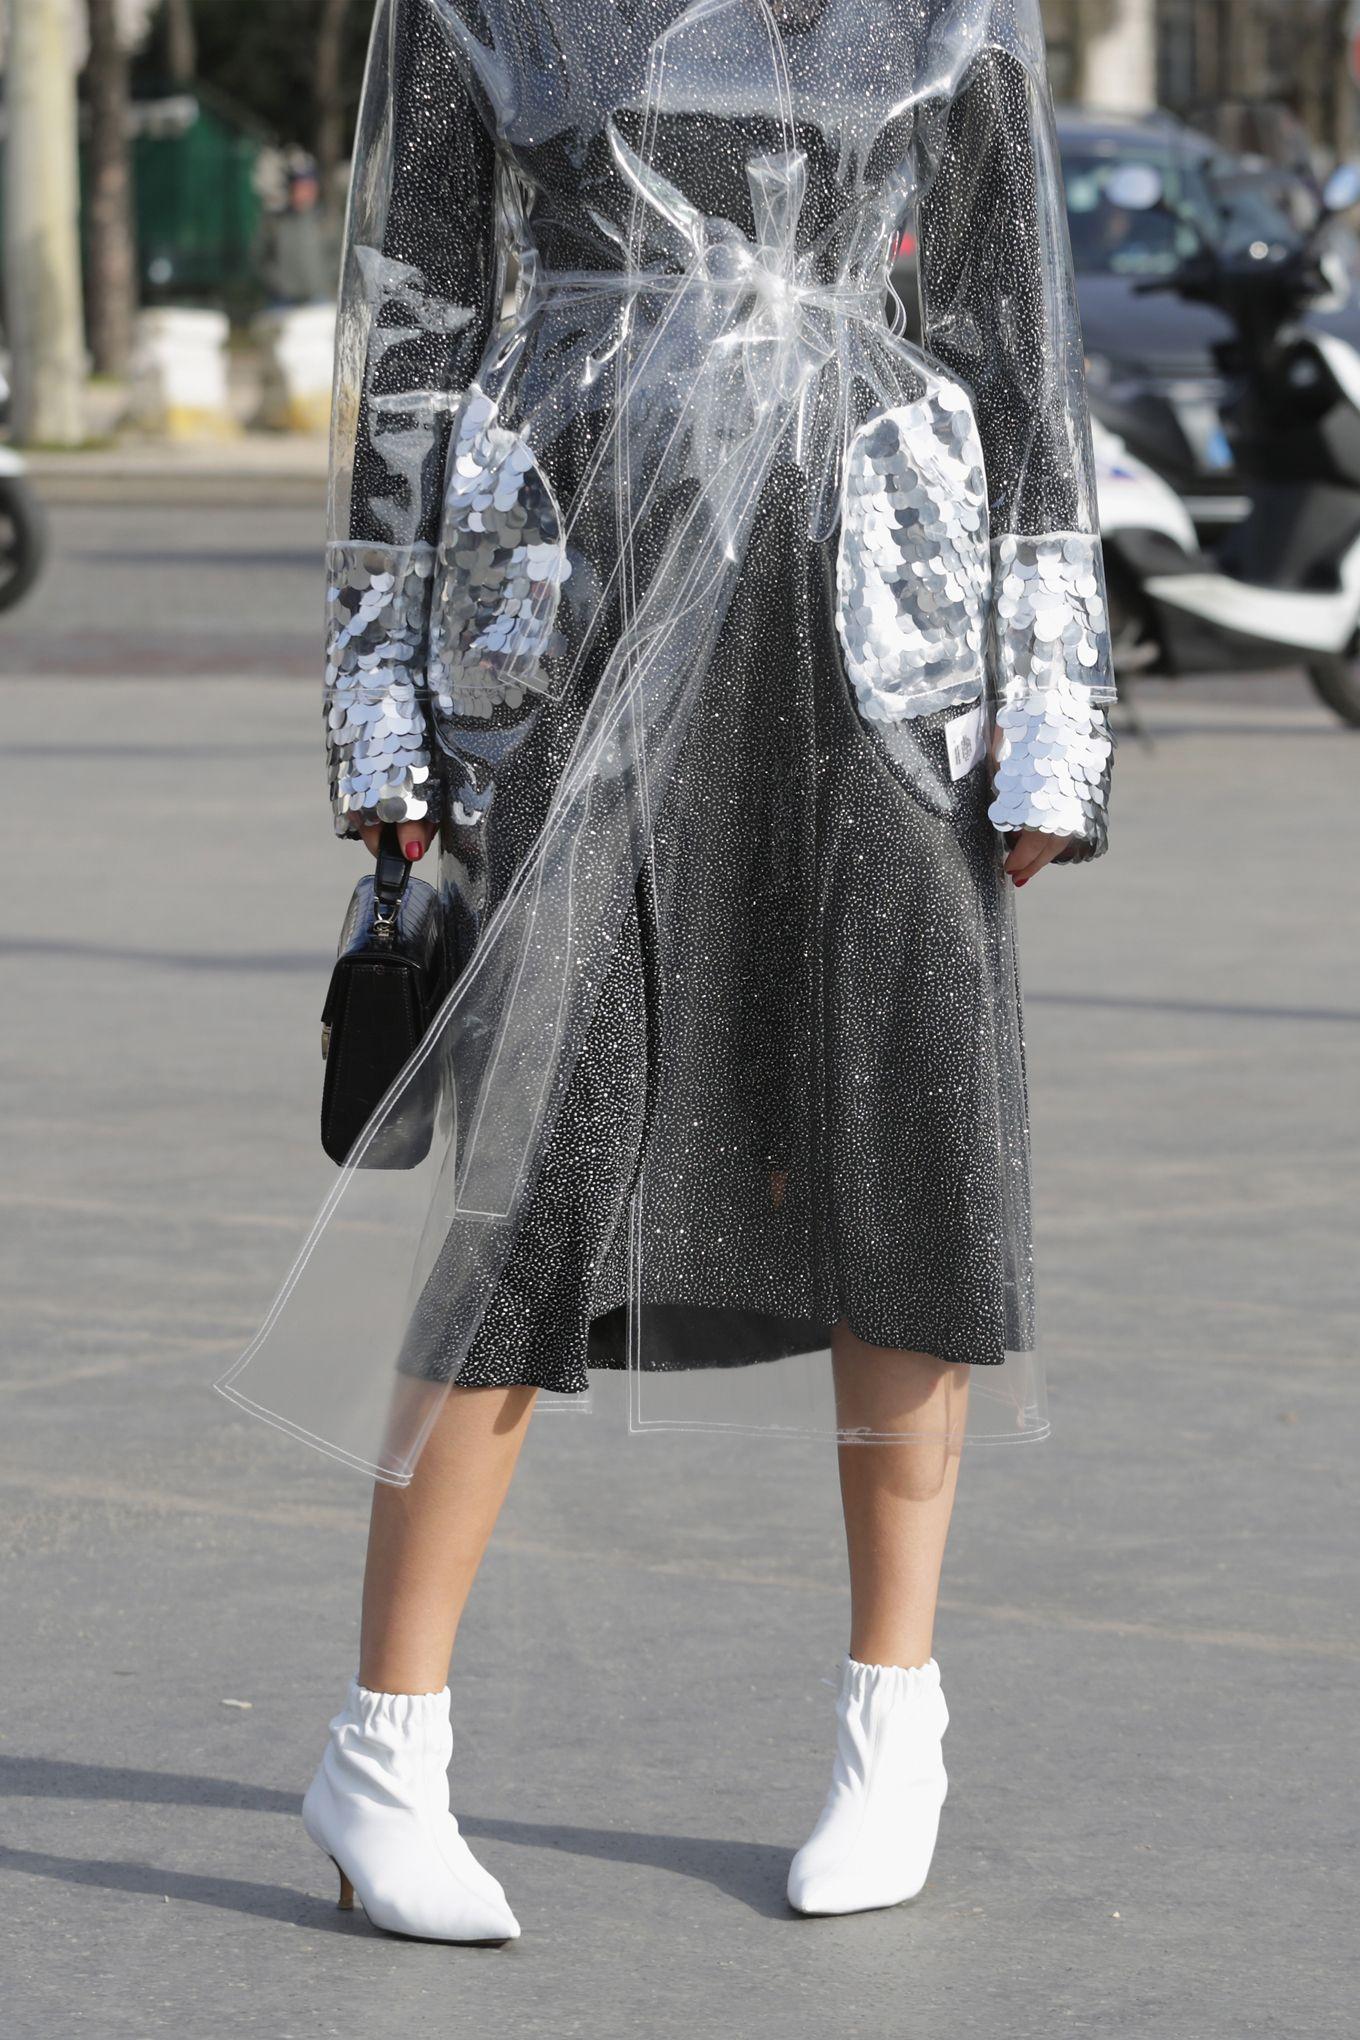 Con il PVC tieniti pronta a sudare ma anche a fare un figurone, la moda primavera estate 2018 ti vuole onesta e trasparente, senza trucco e senza inganno: con la moda di plastica si vede tutto.